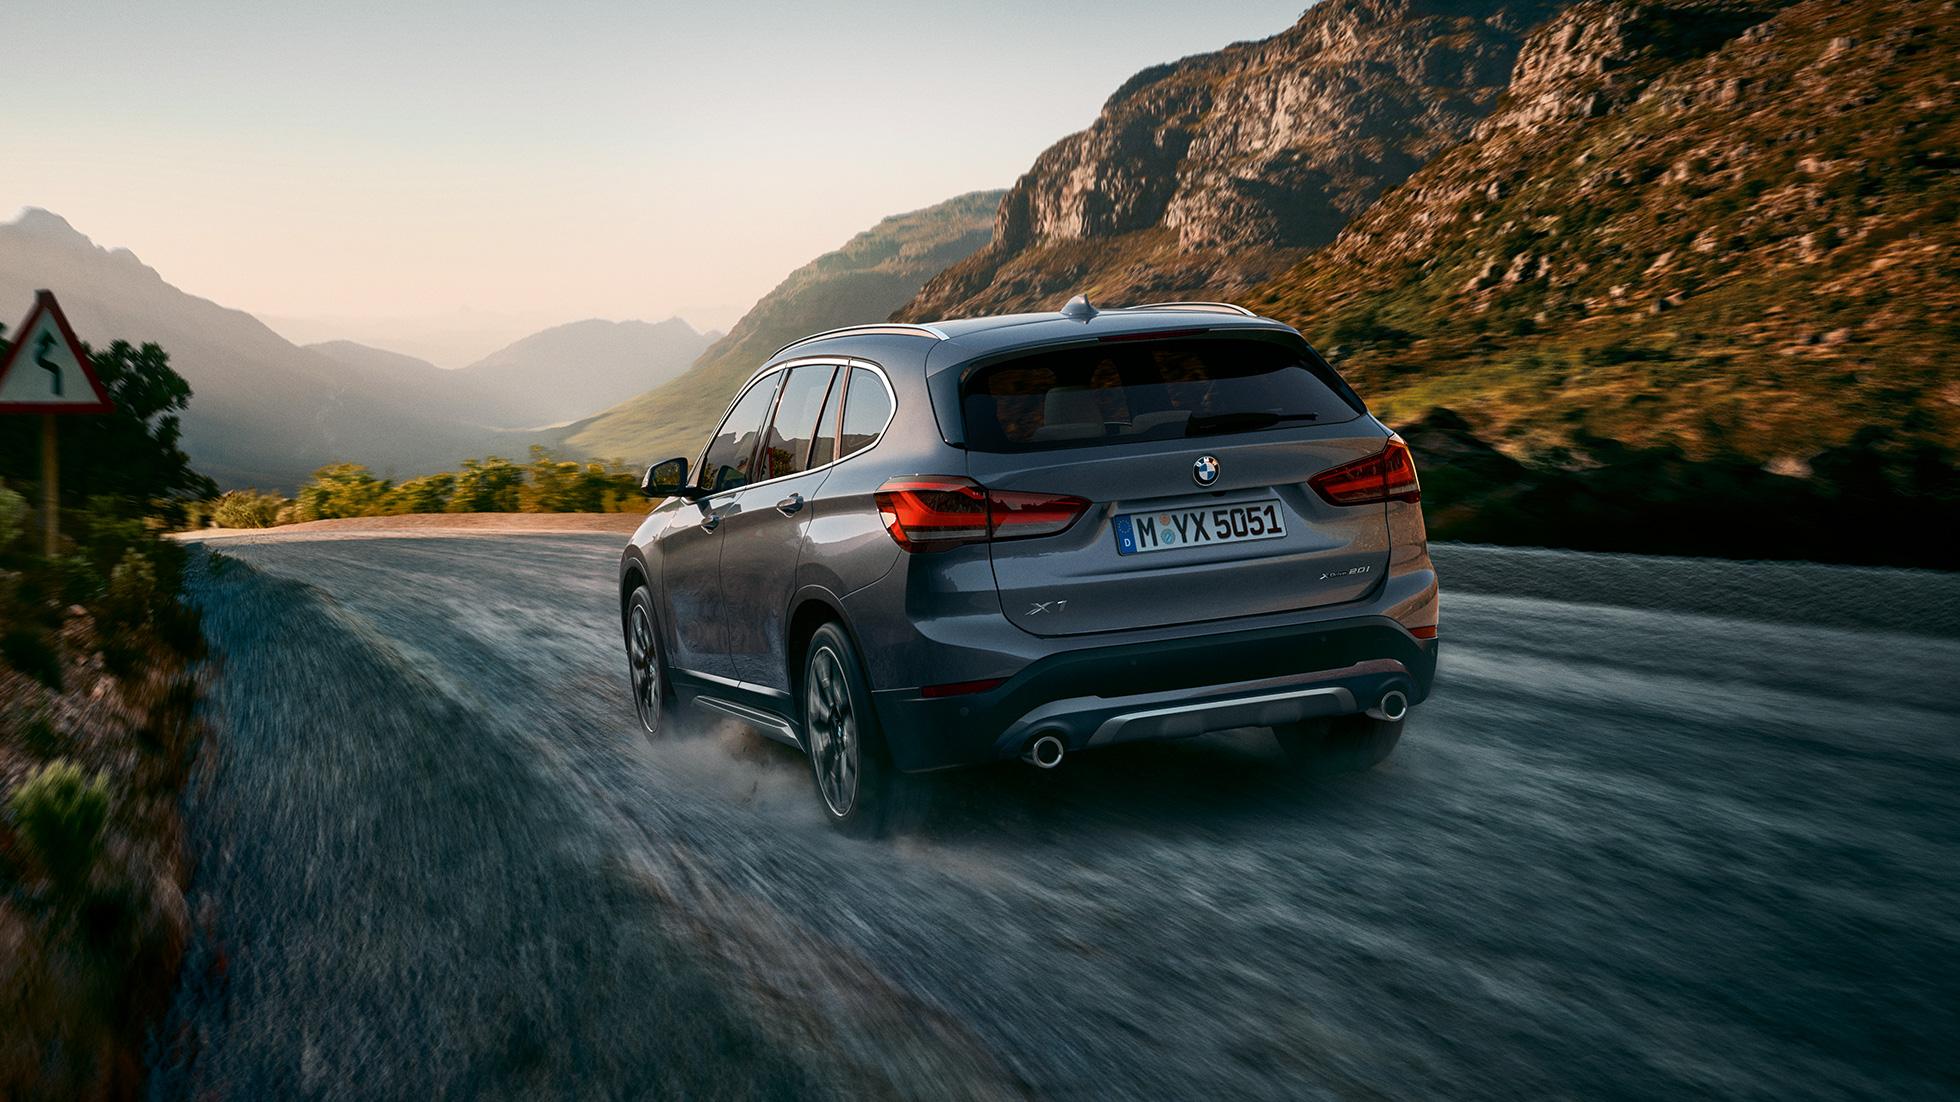 BMW X1, vue de trois quarts arrière devant le paysage montagneux.